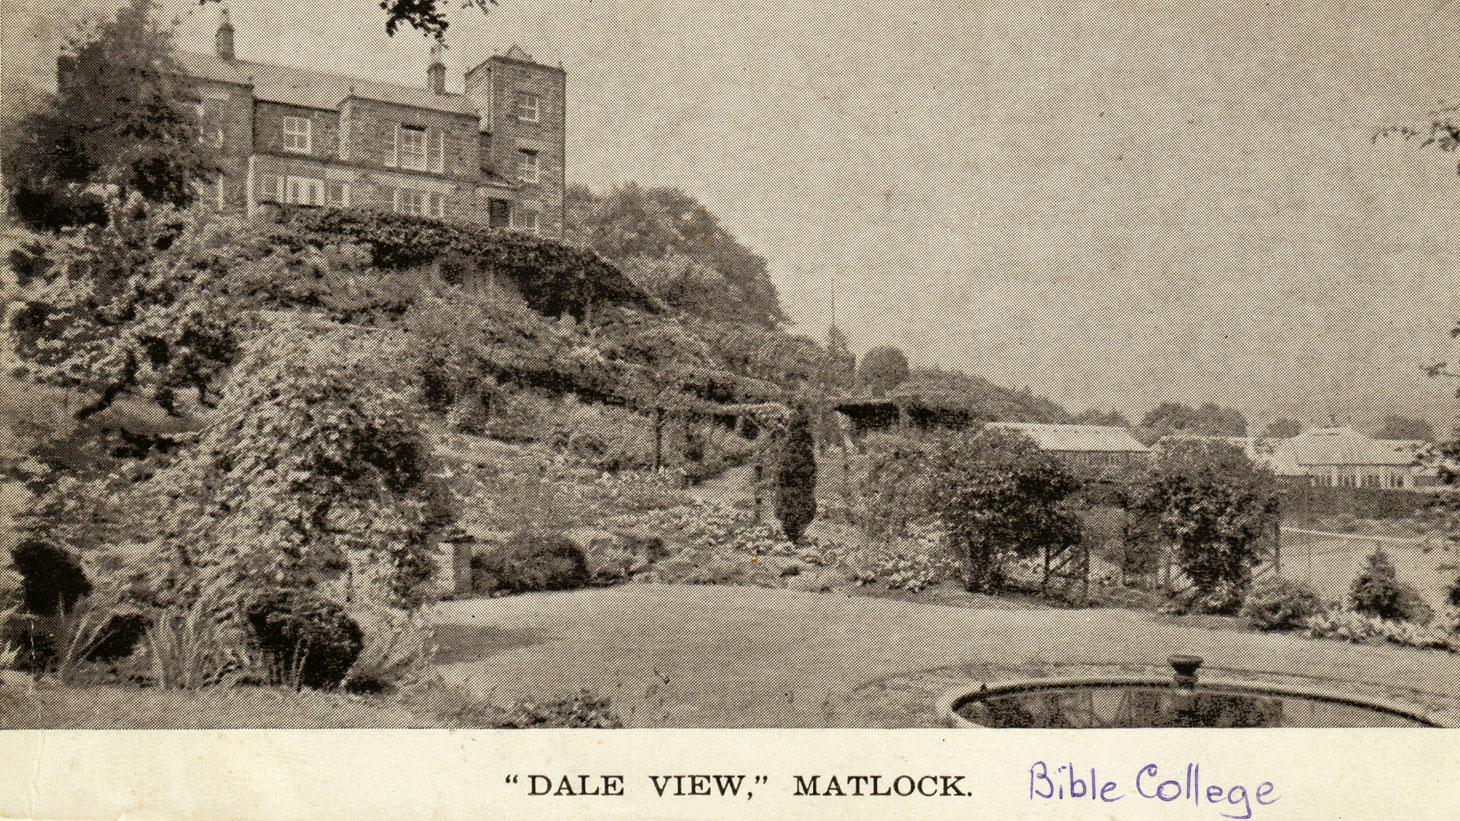 Dale View, Matlock